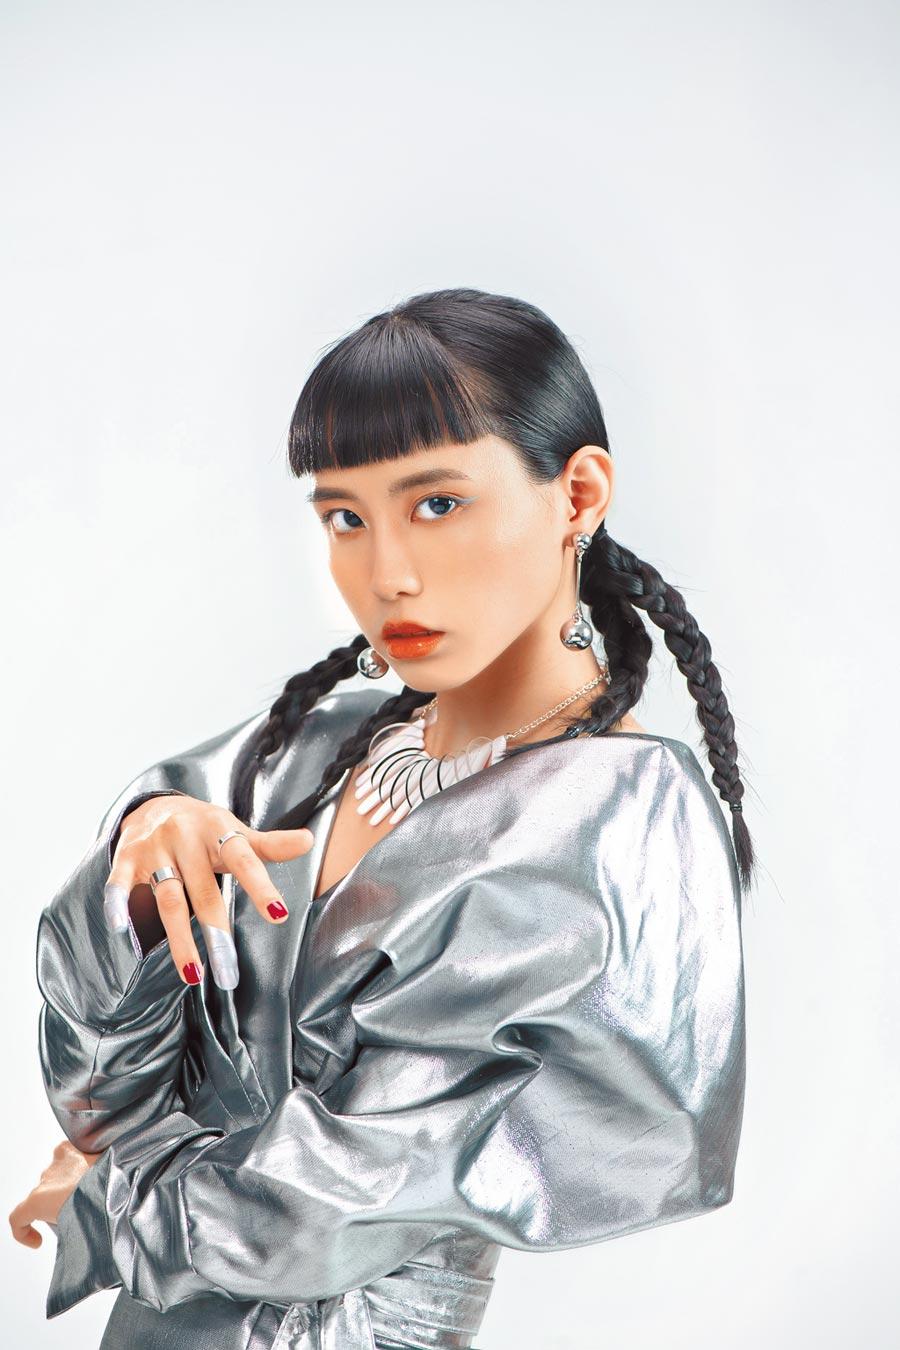 李芷婷圓夢發片,藉由新歌〈I'm not a little girl〉高唱成長宣言。(唯有音樂提供)